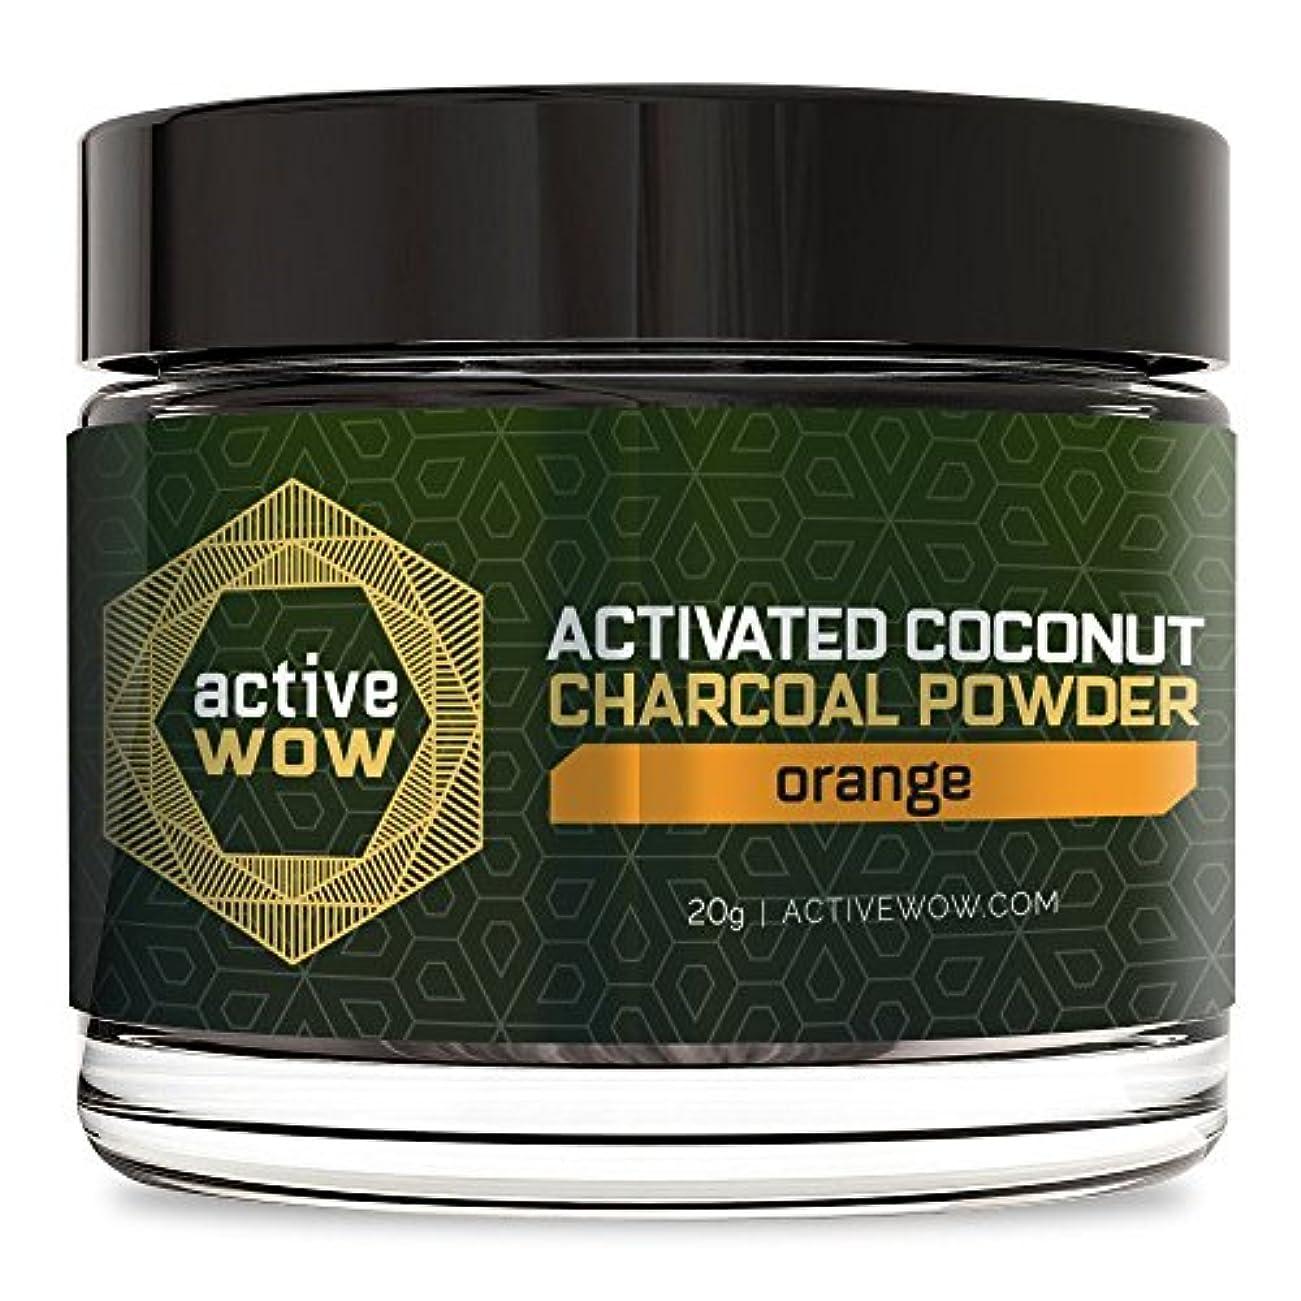 アクティブワオ (Active Wow) 歯のホワイトニングチャコールパウダー [海外直送品] (オレンジ)